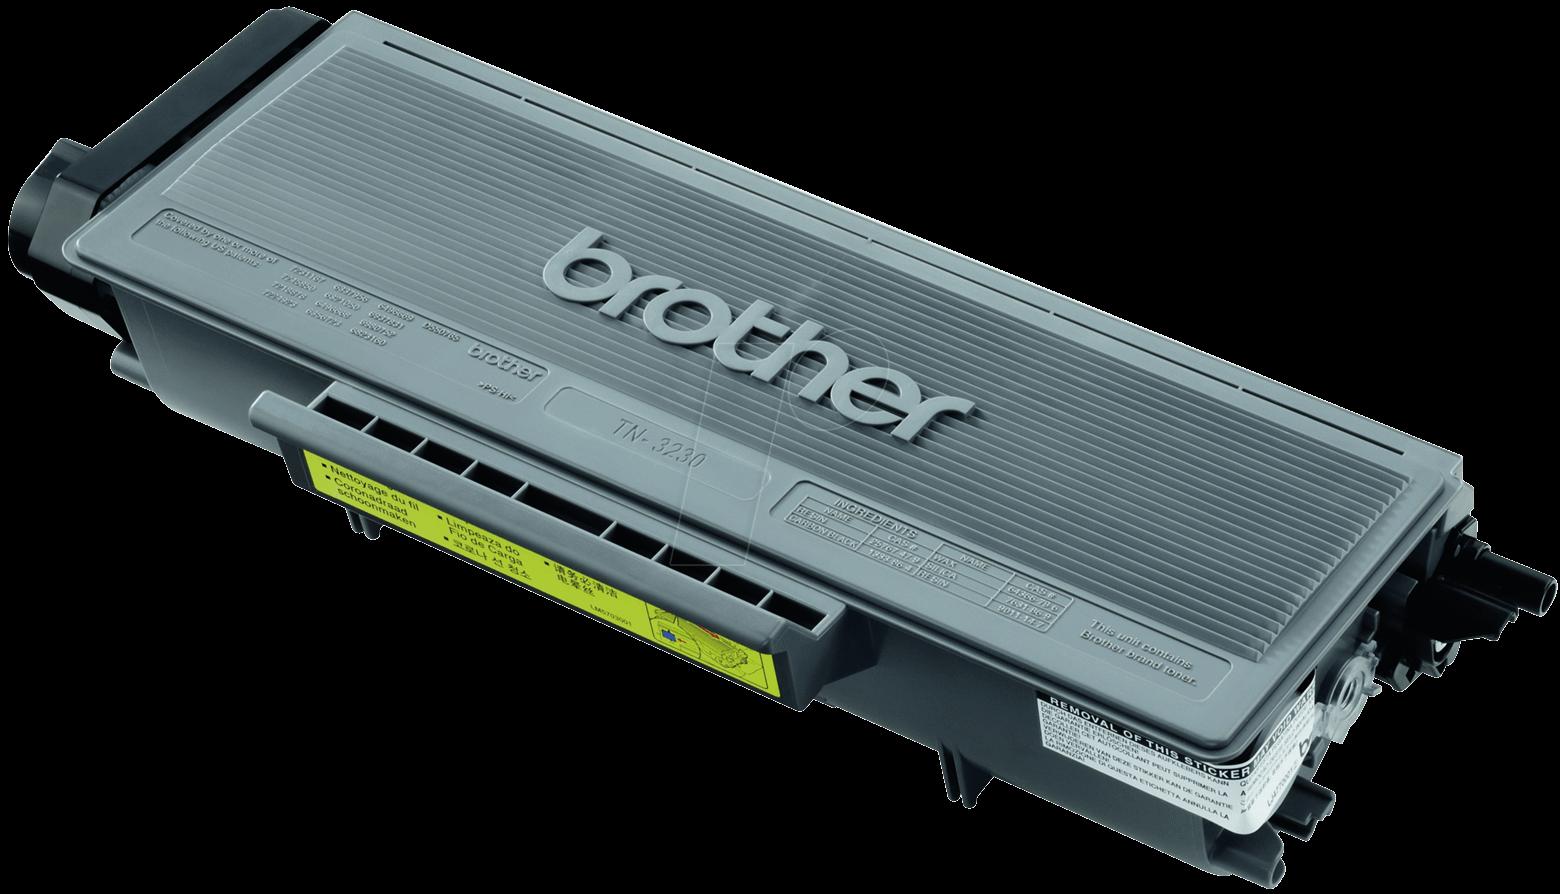 Картридж Brother LC3619XLM для Brother MFC-J3530DW/J3930DW пурпурный 1500стр